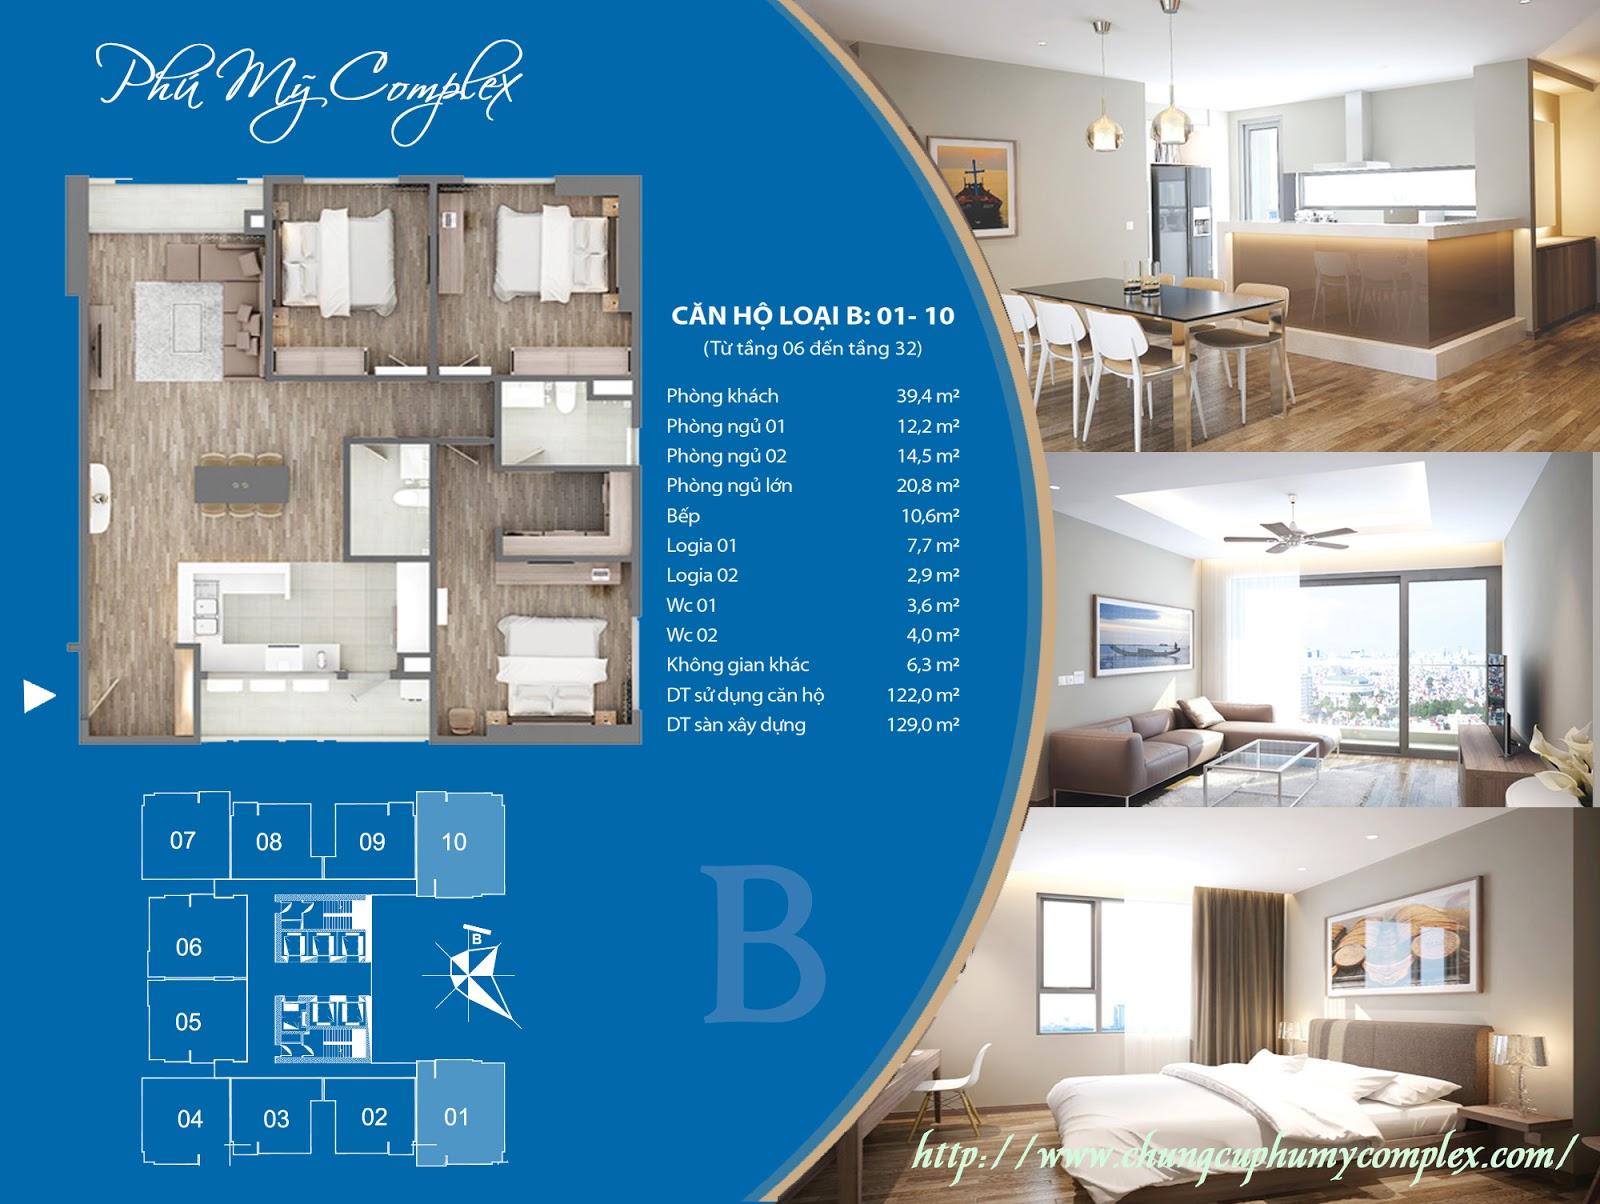 Thiết kế căn 01 và 10 - Chung cư Phú Mỹ Complex